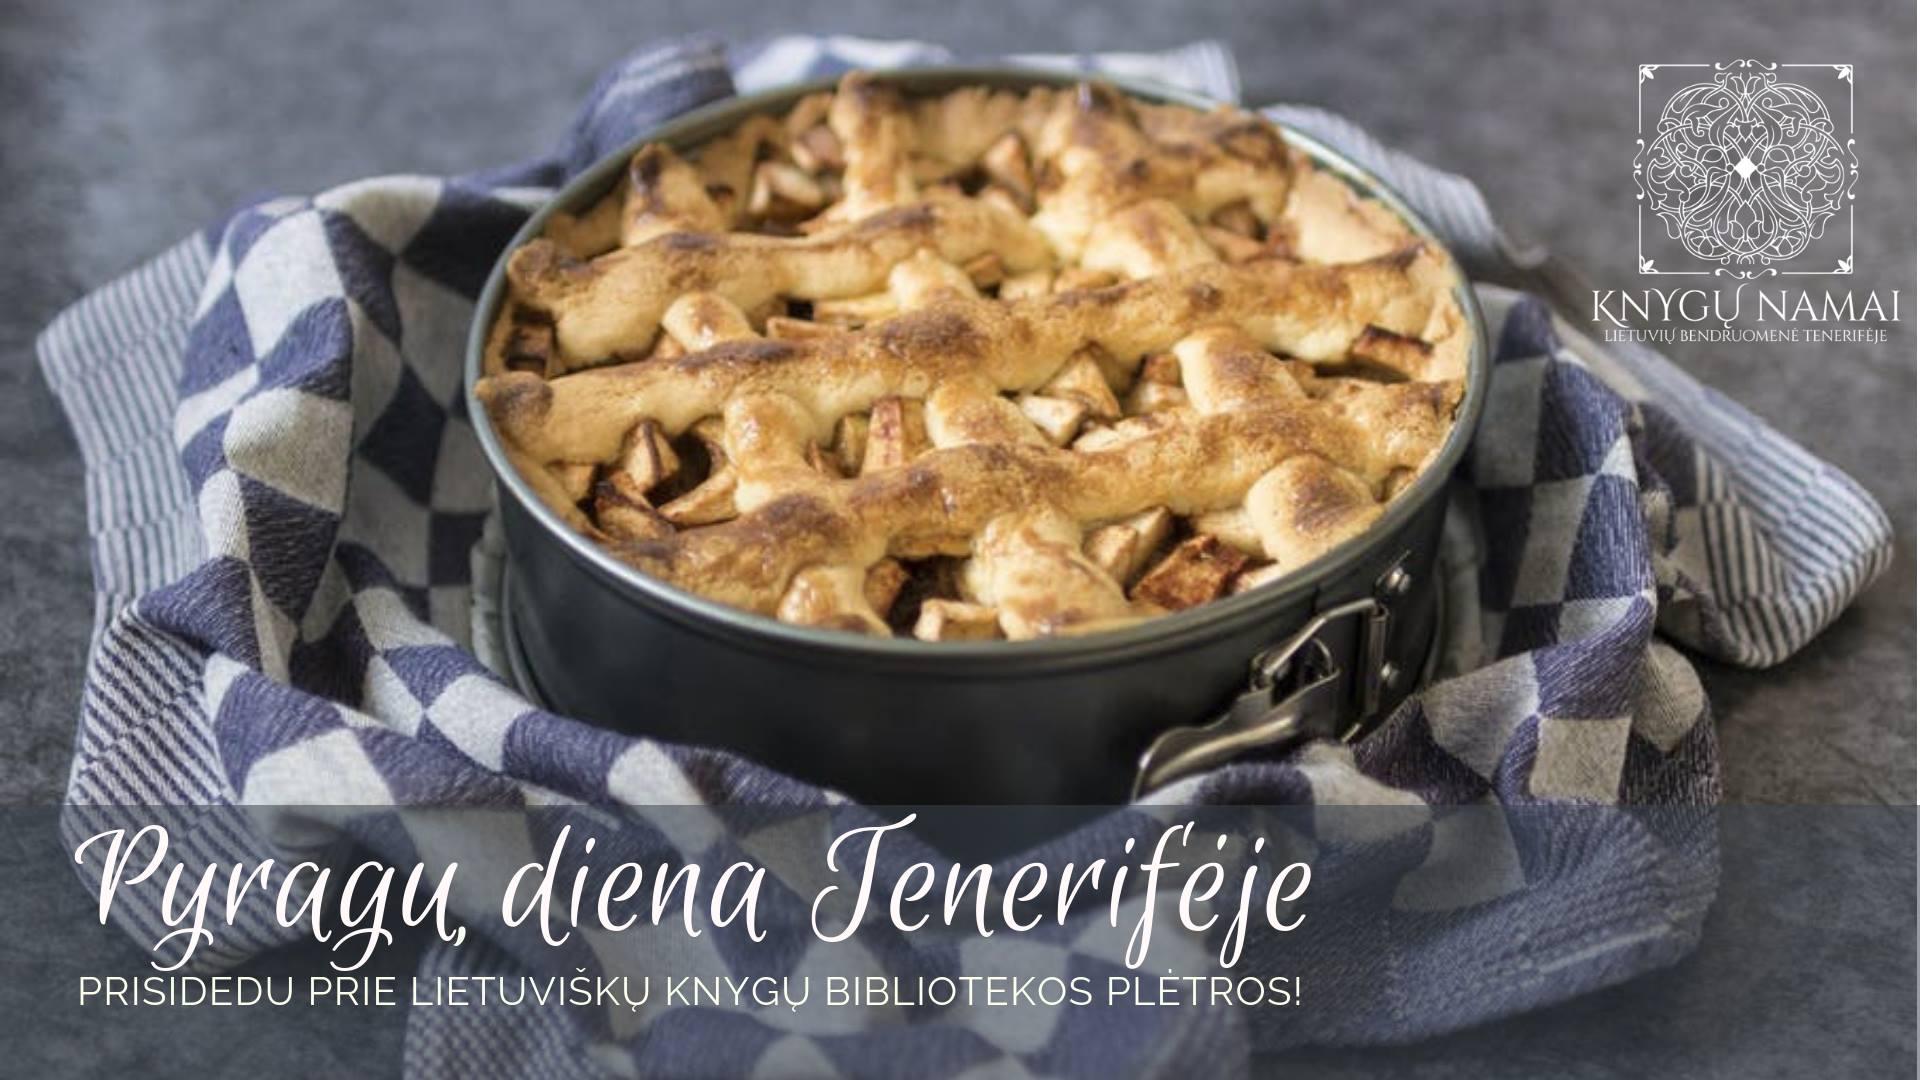 Pyragų diena Tenerifėje | KNYGŲ NAMAI